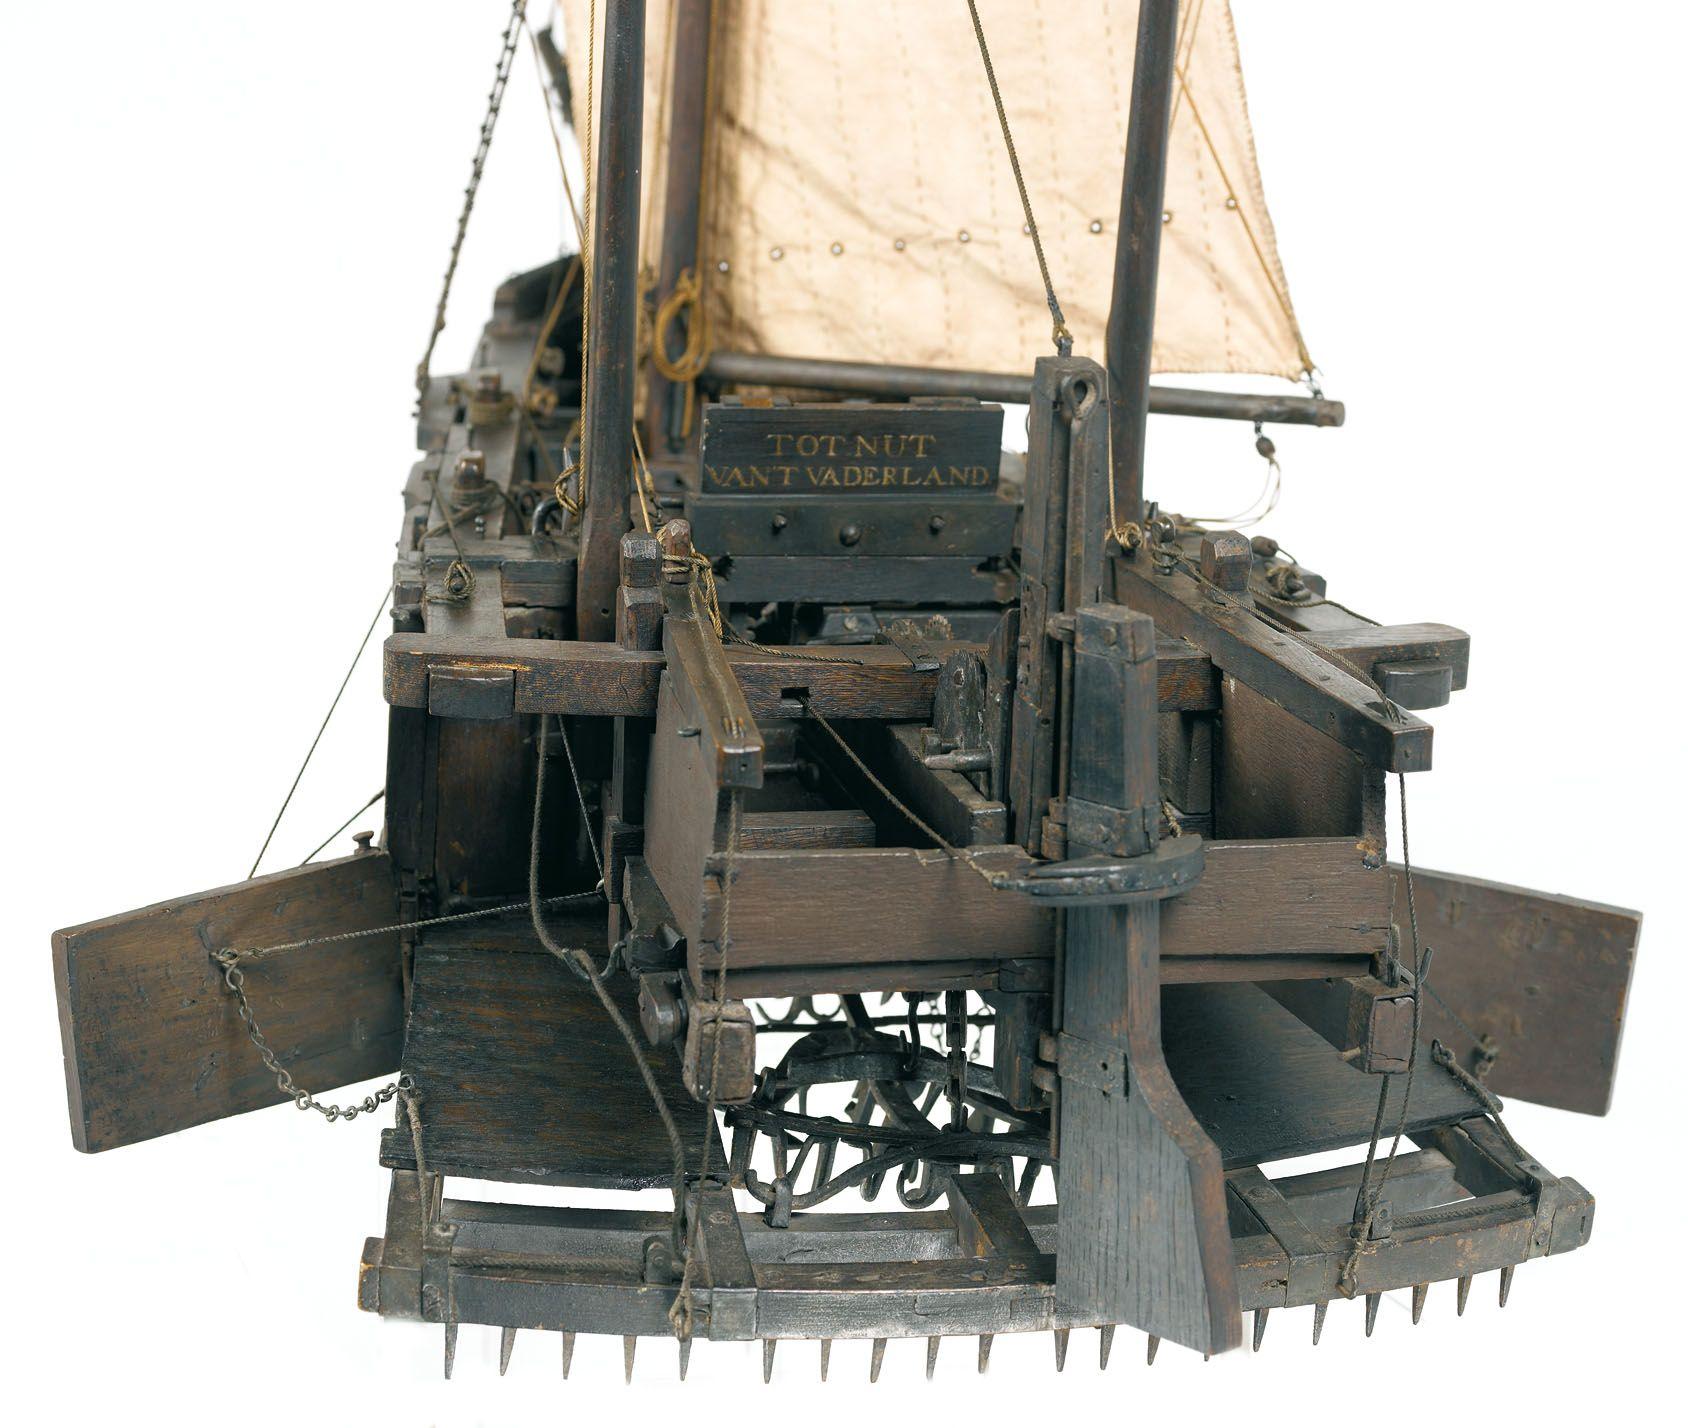 Scheepsmodel Krabbelaar detail; Museum Veere; datering: eind 18e eeuw; herkomst: Stedelijke Collectie Veere. (Ivo Wennekes)